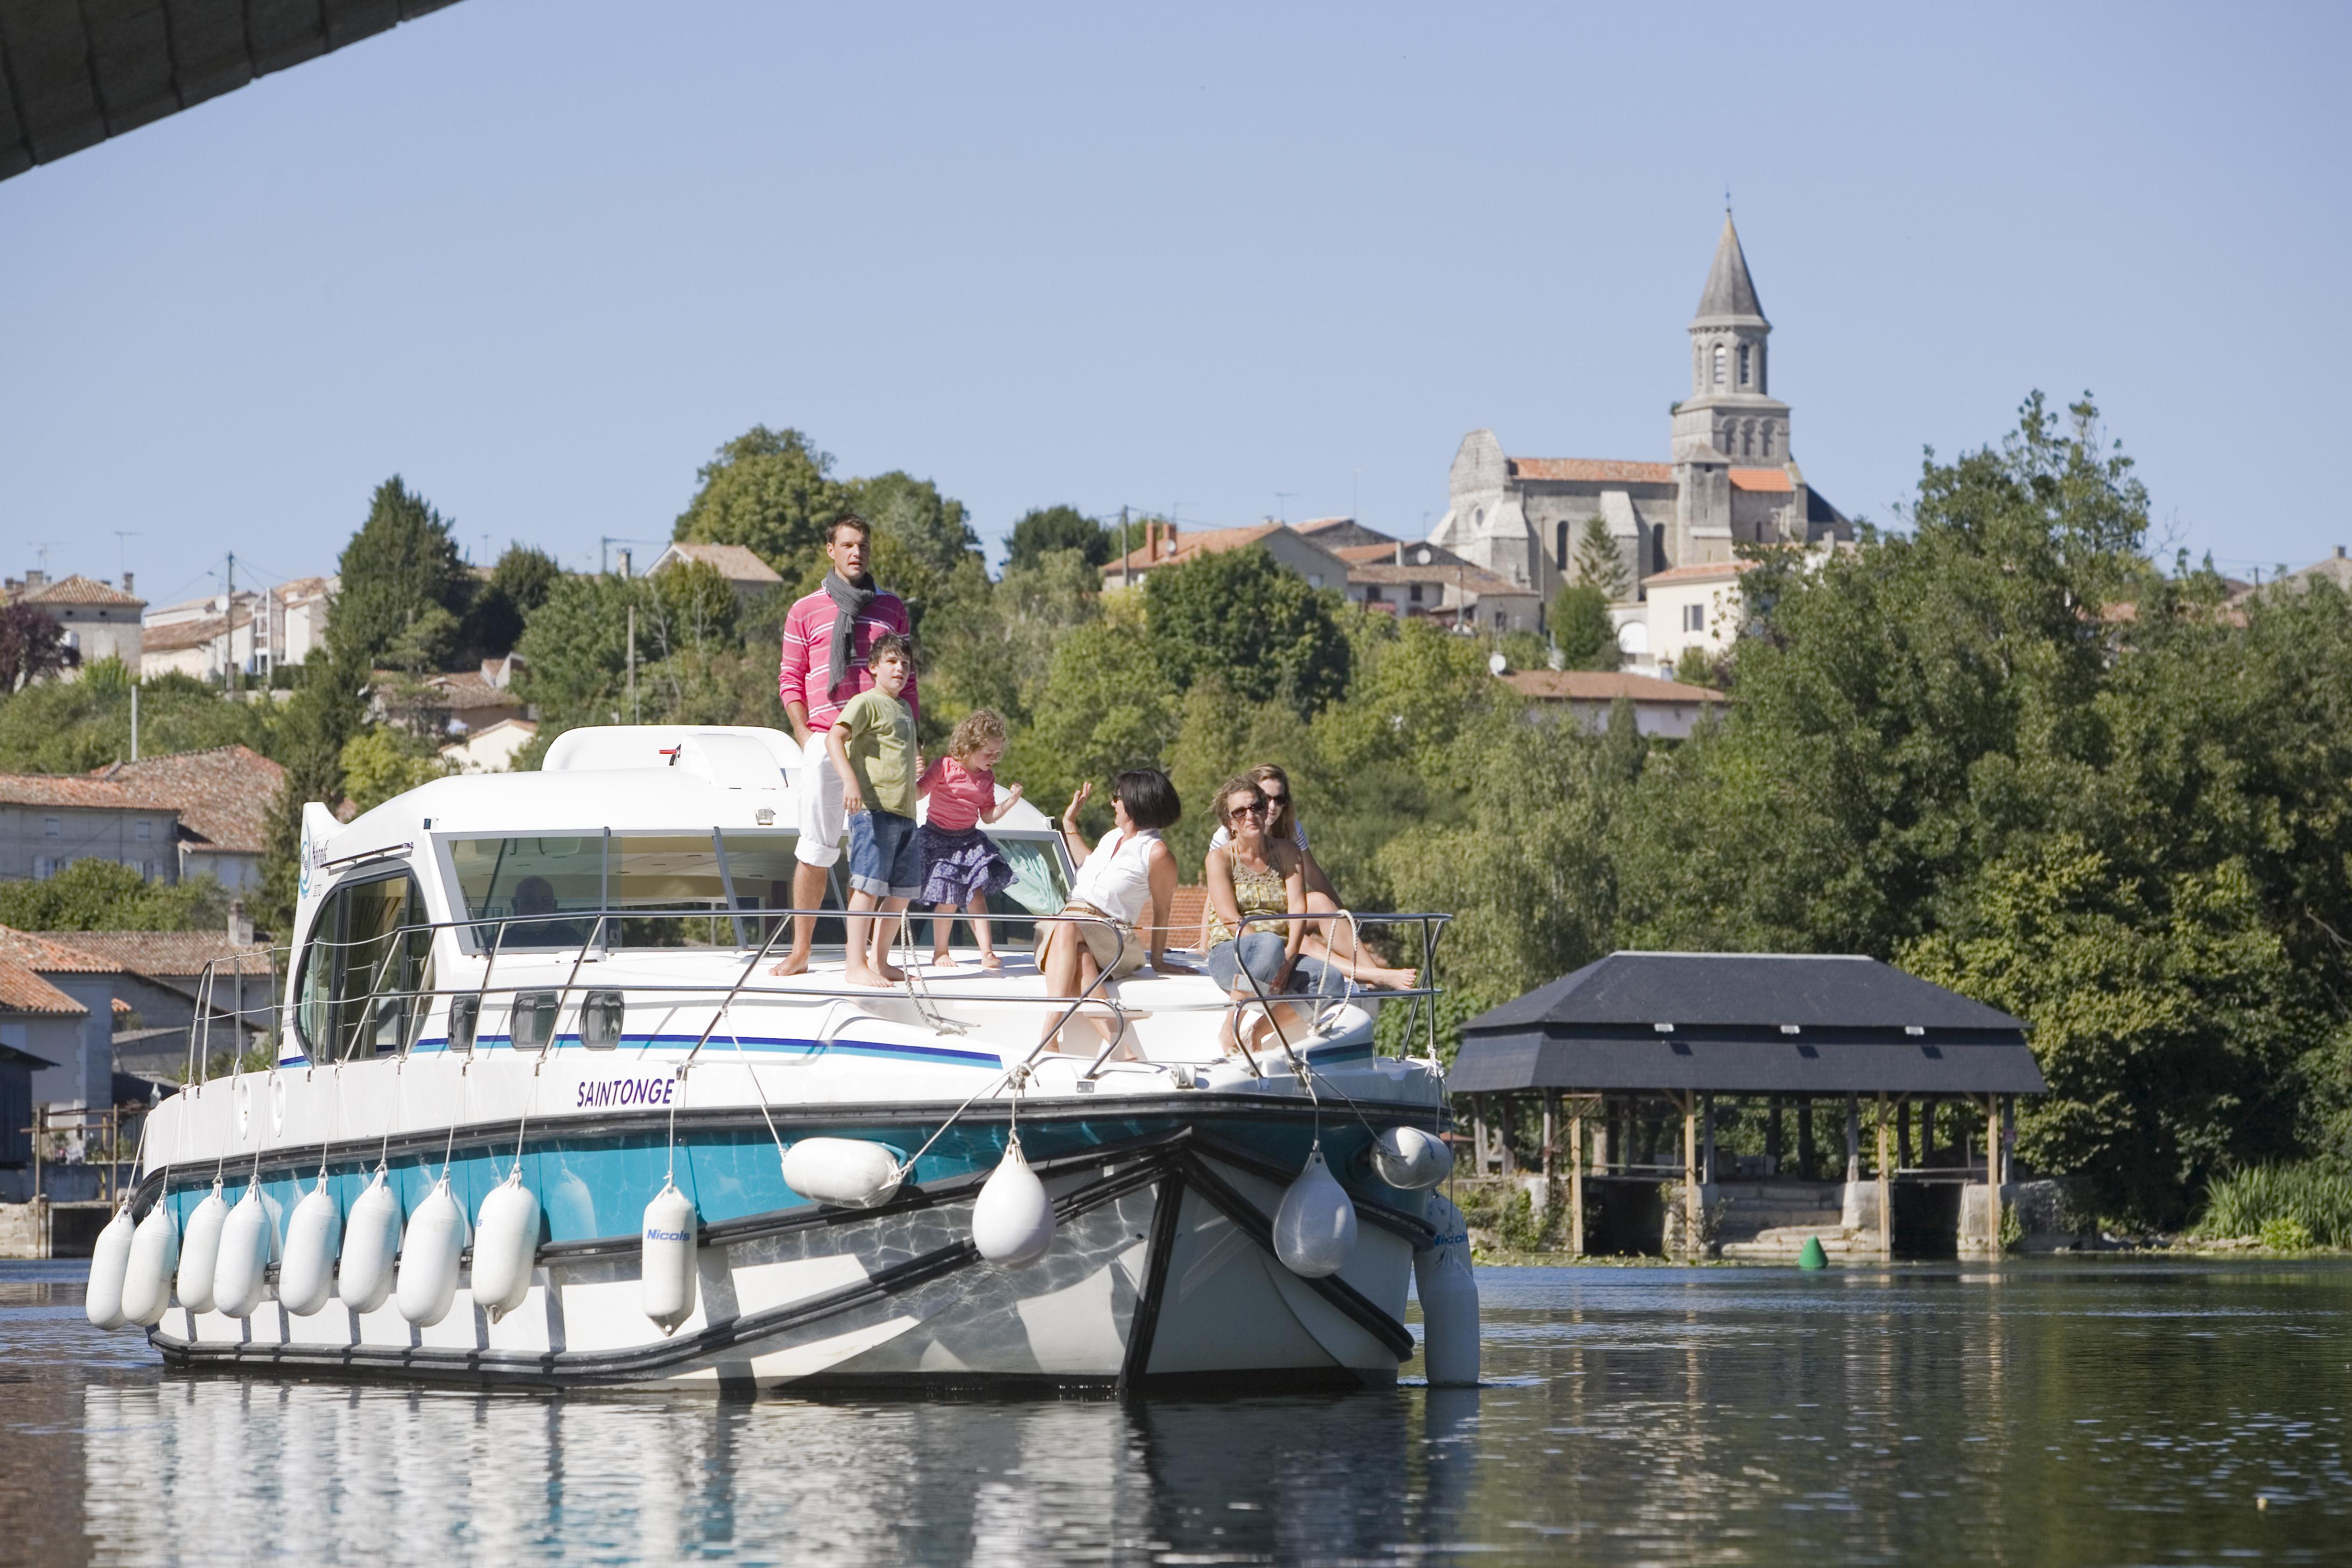 sur le bateau a saint simeux en bateau charente en croisiere inter croisieres sireuil nicols.jpg